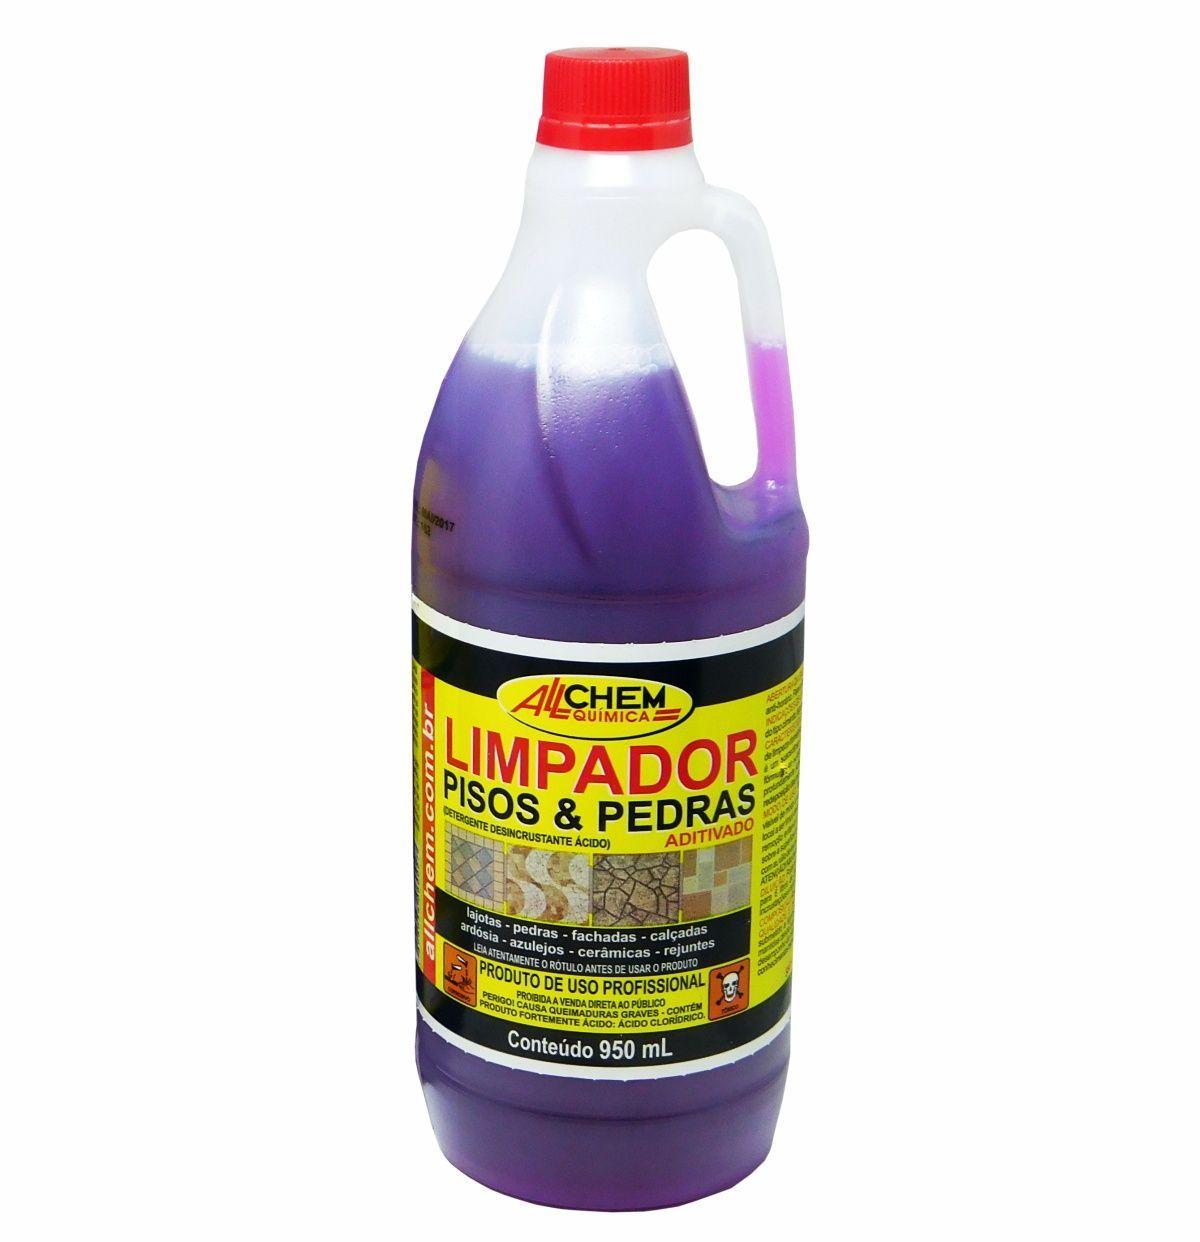 limpador-pisos-e-pedras-aditivado-allchem